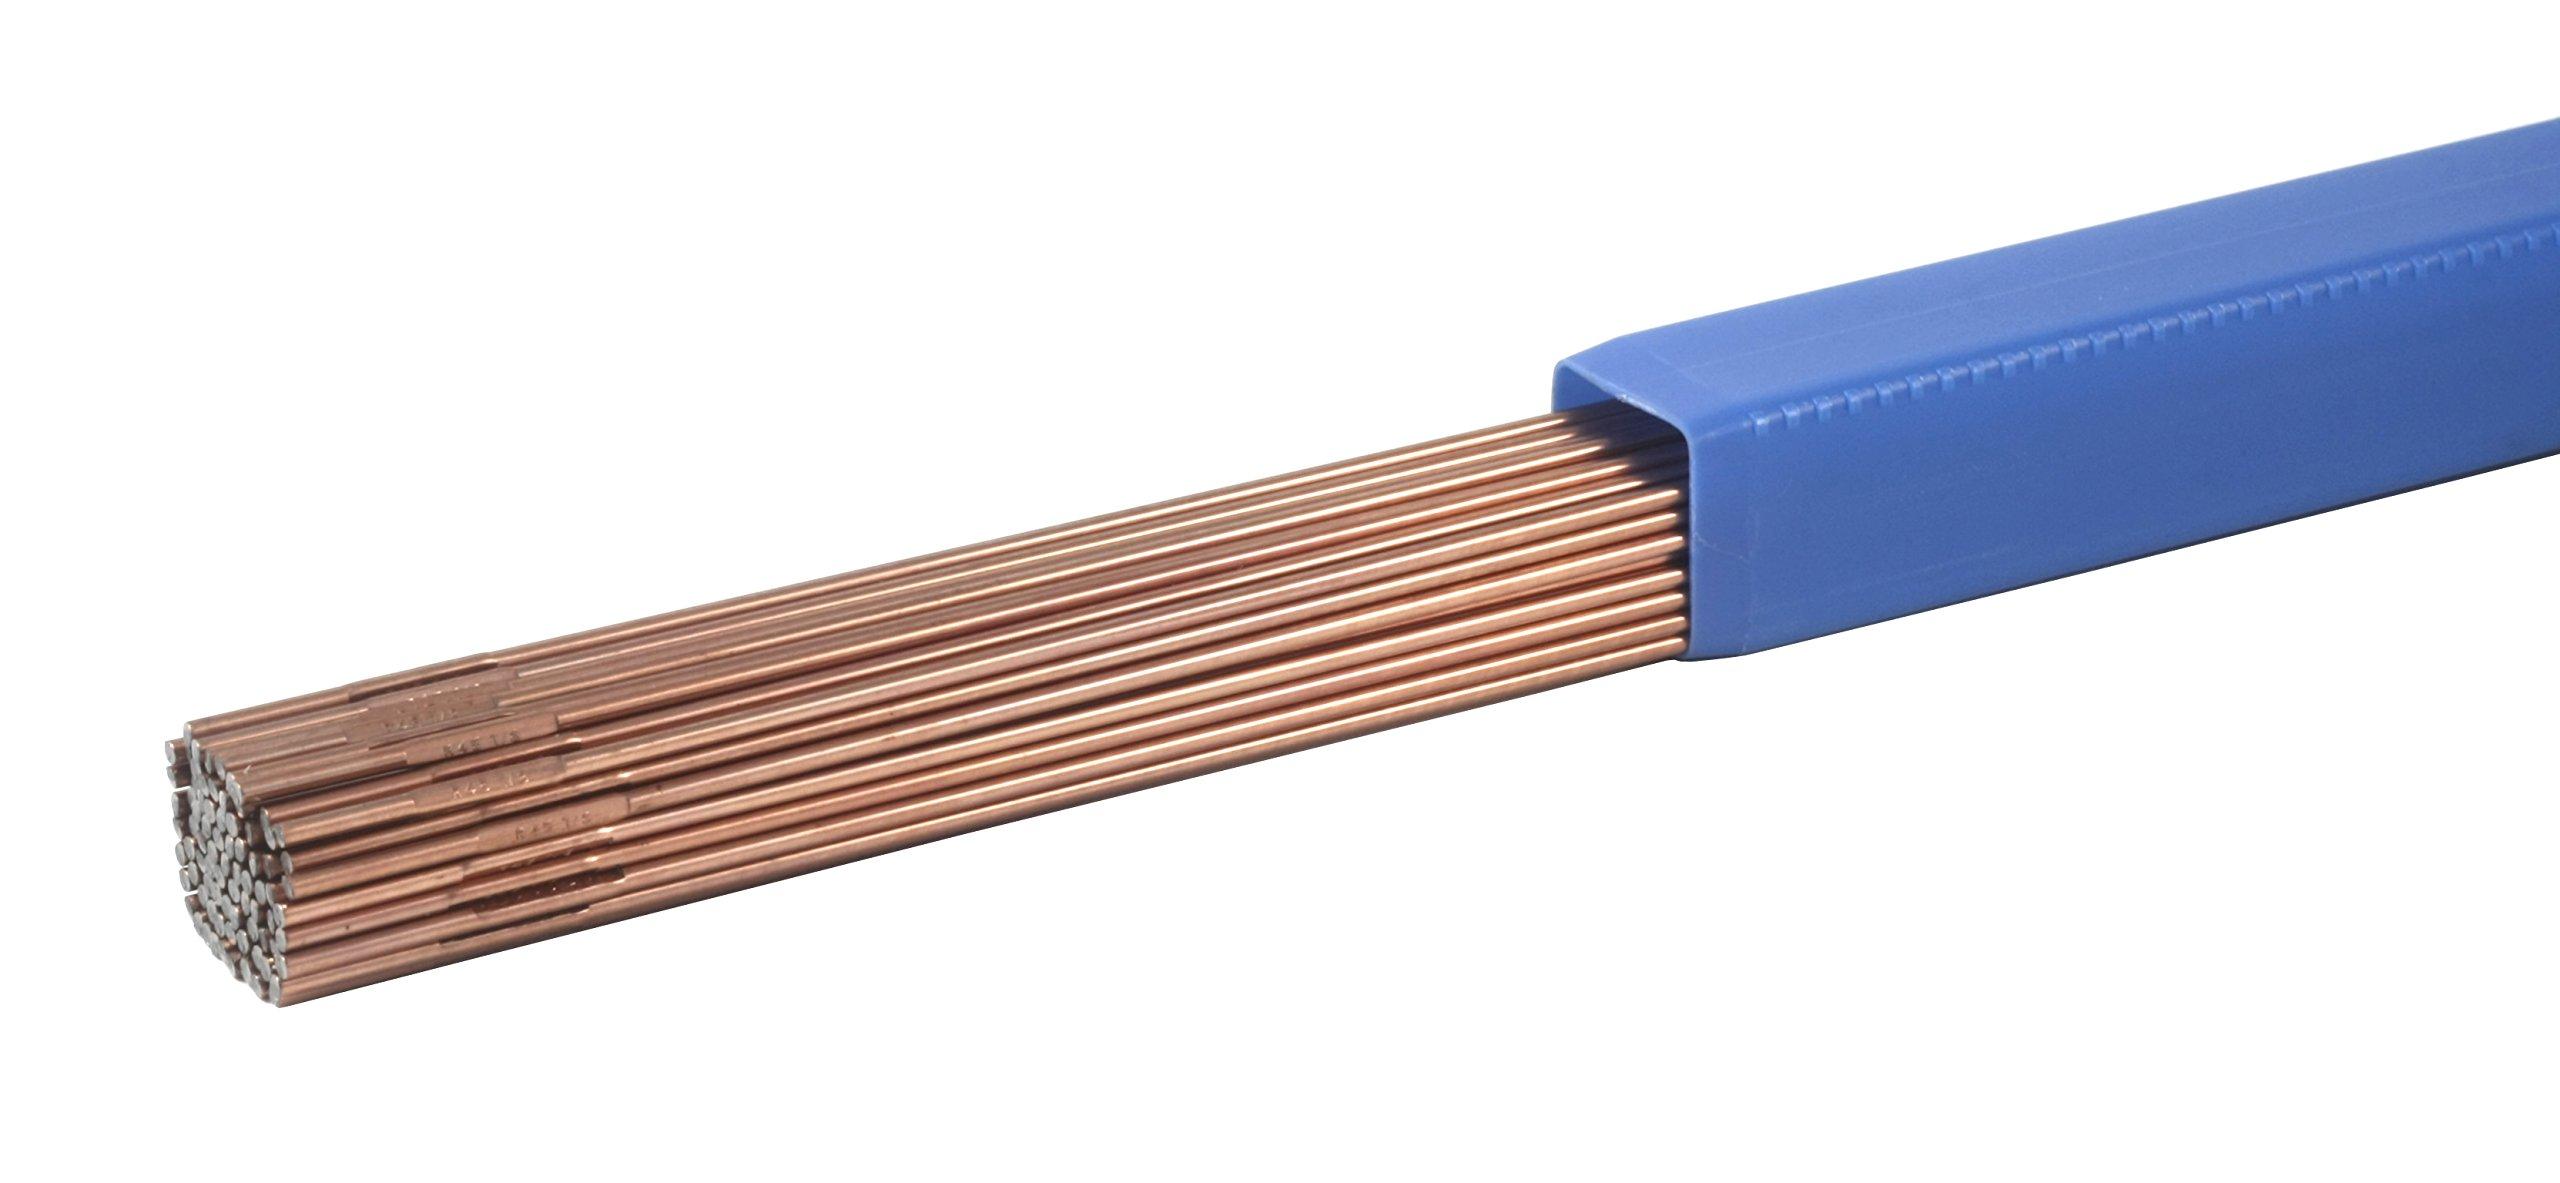 RG-45 - Oxy-Acetylene Carbon Steel Welding Rod (R45) - 36'' x 1/8'' (10 Lb)